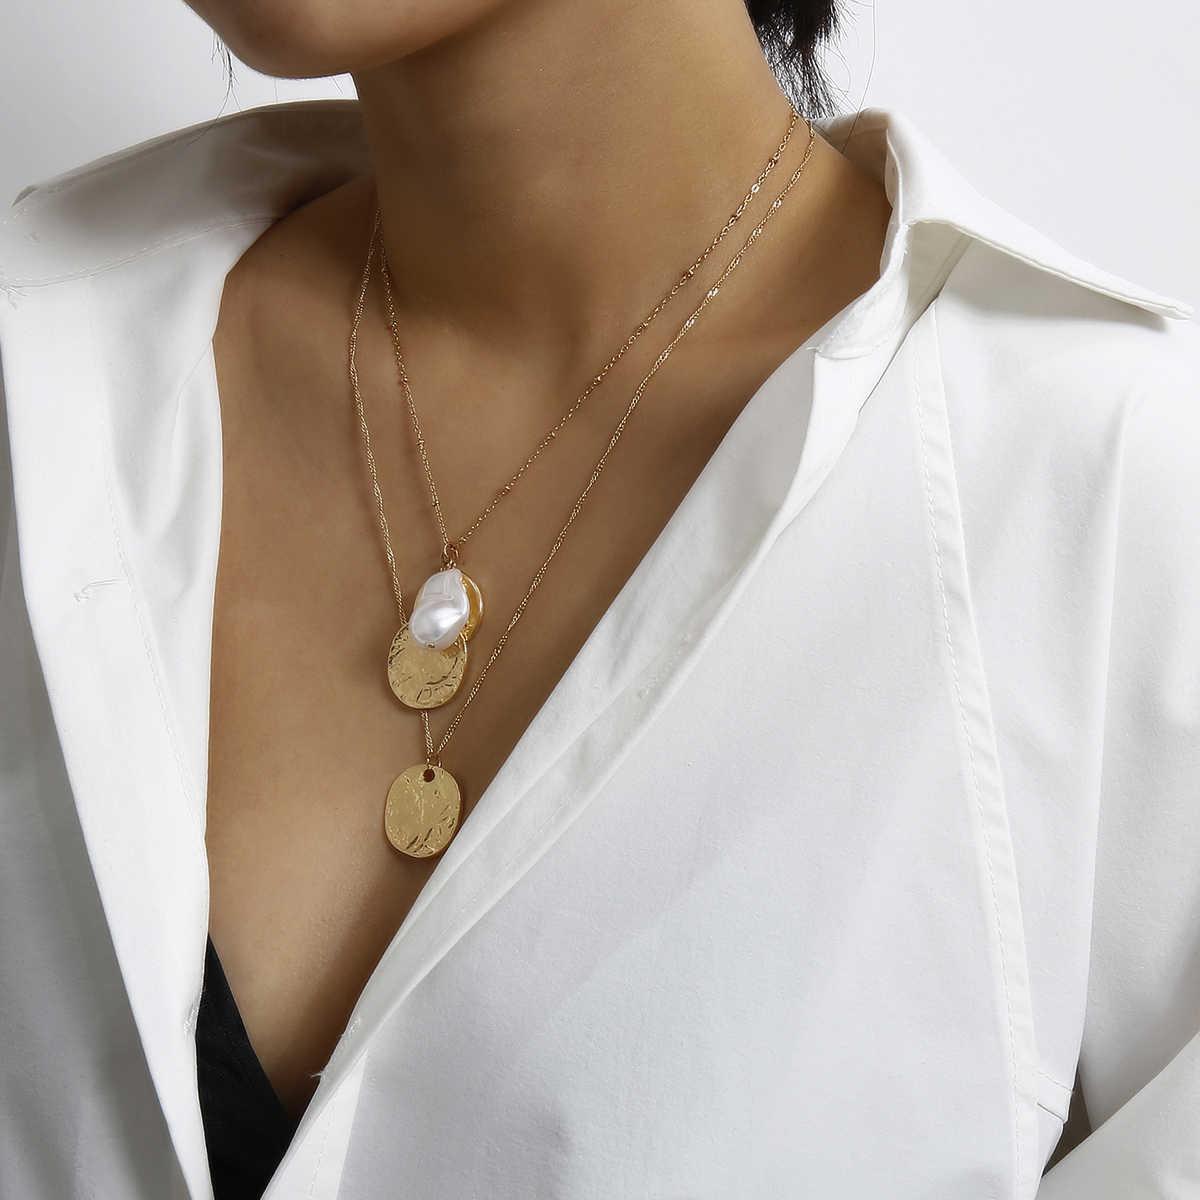 ゴシック甘いバロック真珠のペンダントチョーカーネックレスブライダルウェディングパンクレイヤードコイン長鎖ネックレス女性新年ジュエリー